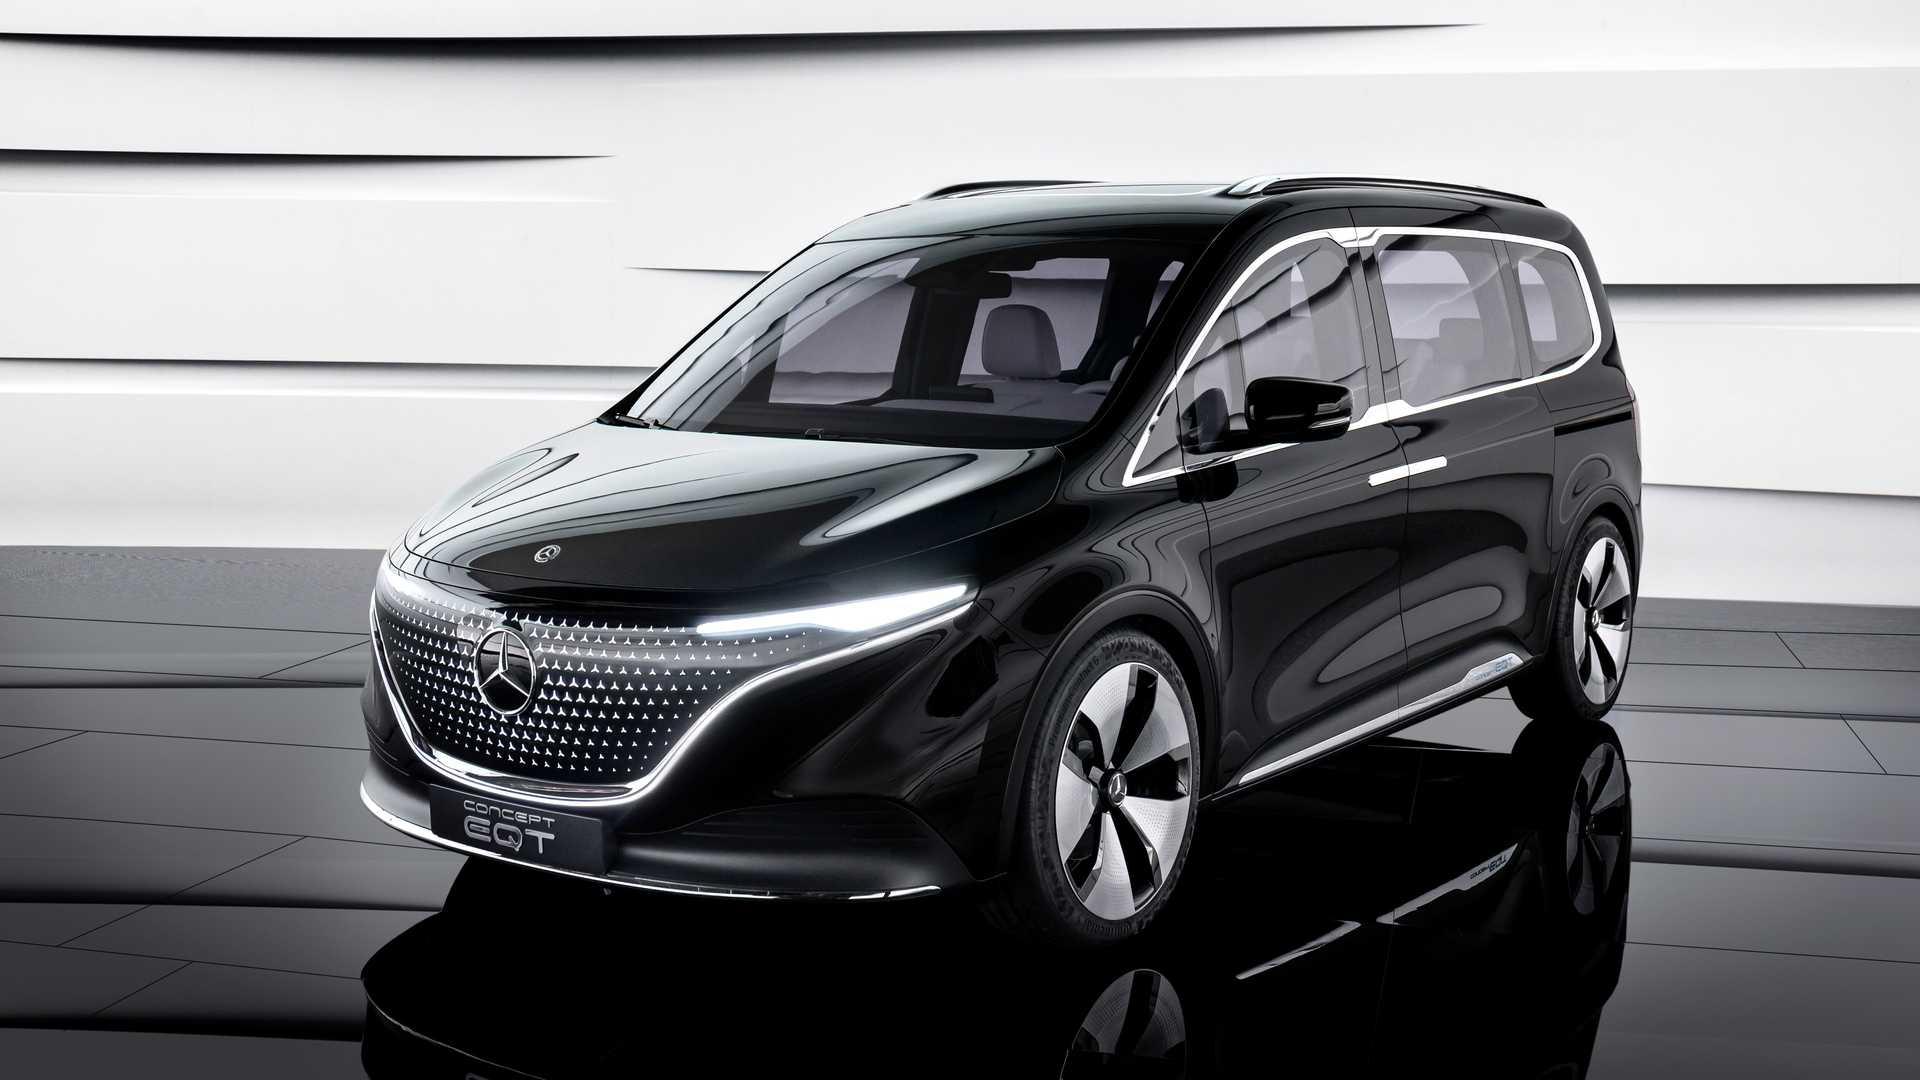 Mercedes Benz Concept EQT overall design